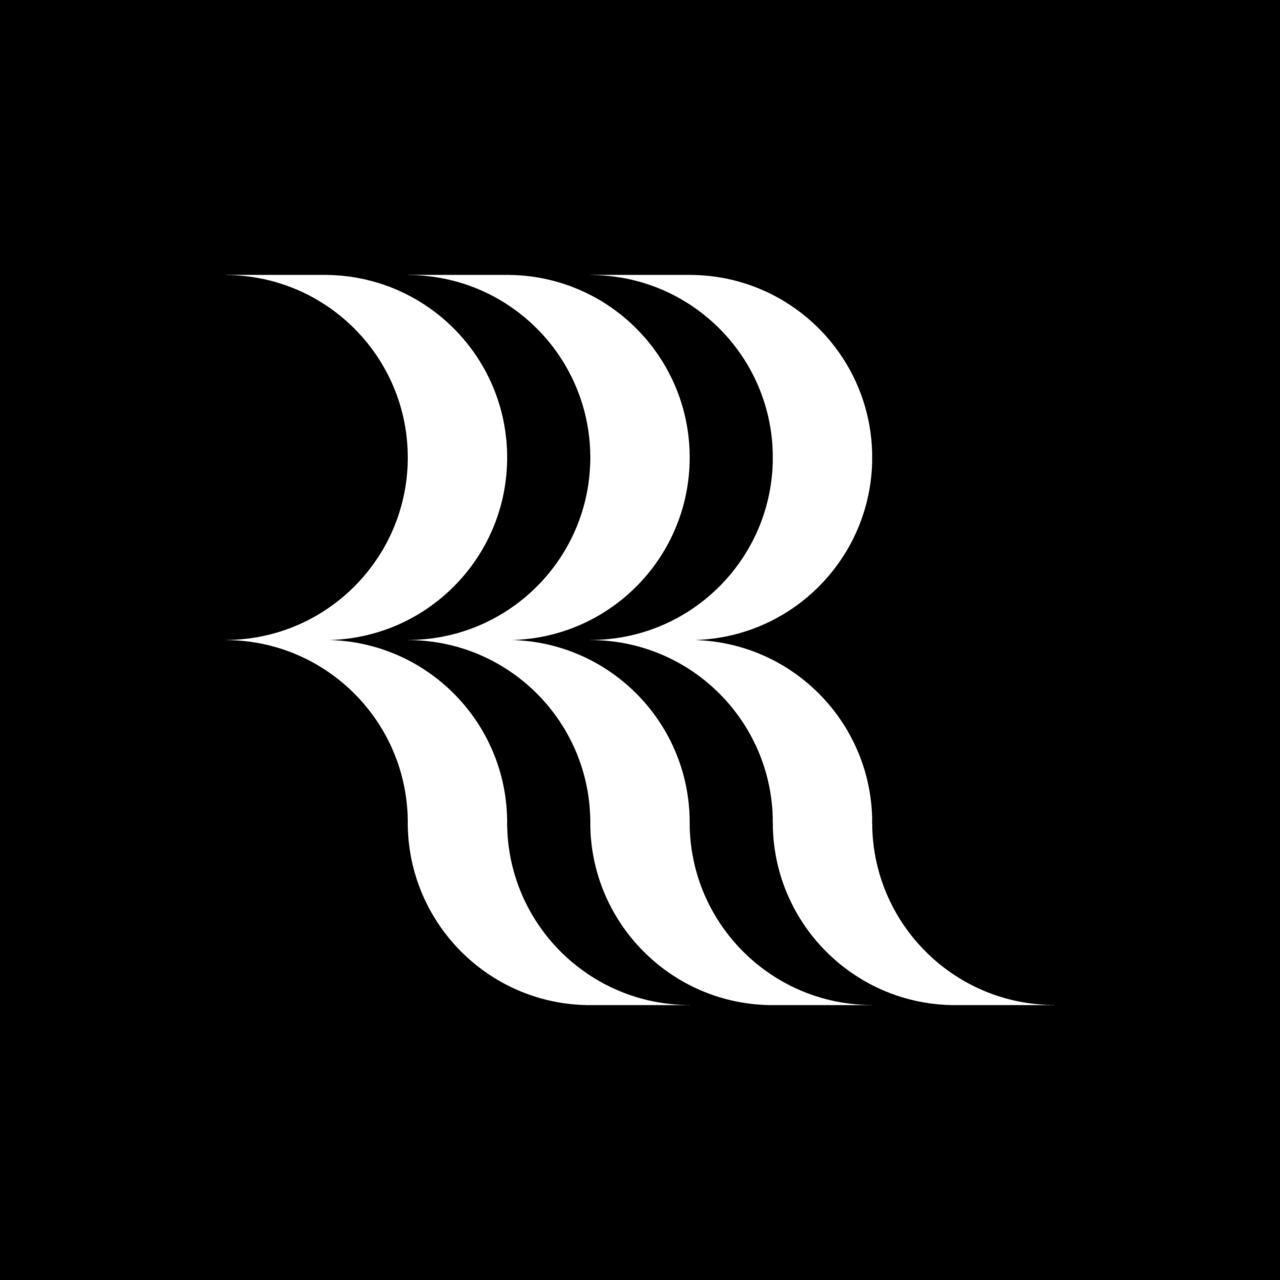 Regent Hotels (proposed) — Designer Armando Milani; Firm